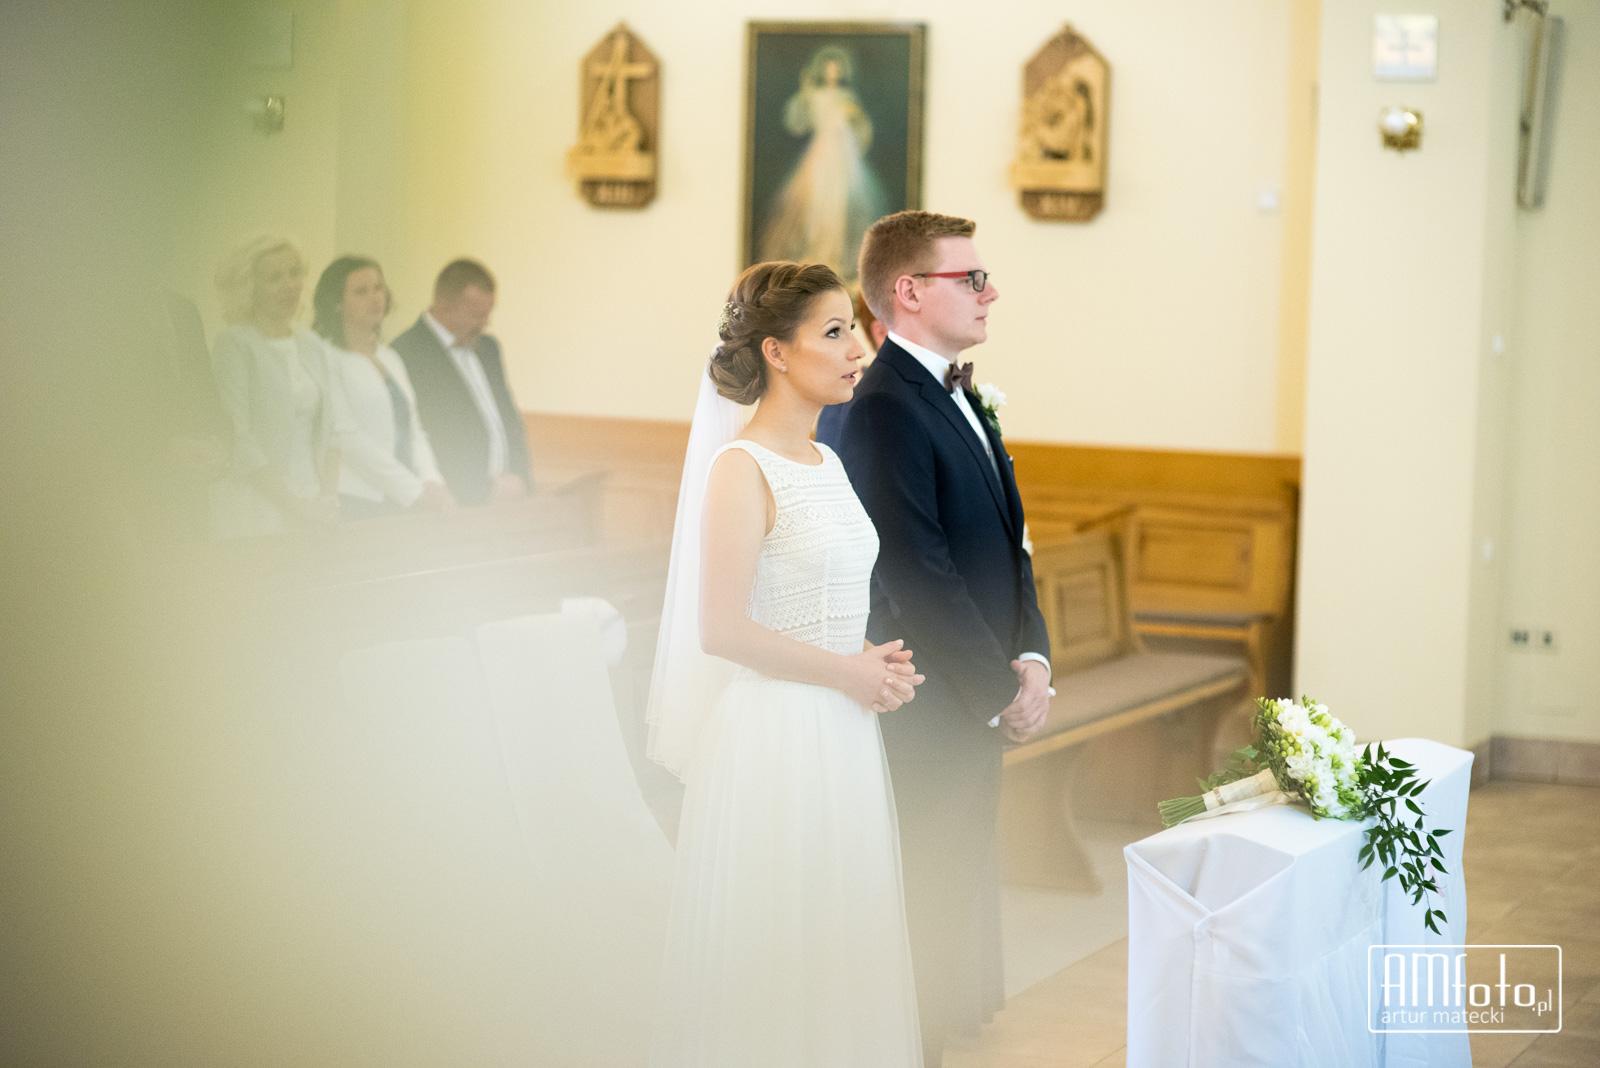 0269_Dorota&Jakub_fotoreportaz_odolanow-krotoszyn____www-amfoto-pl__AMF_8985.jpg